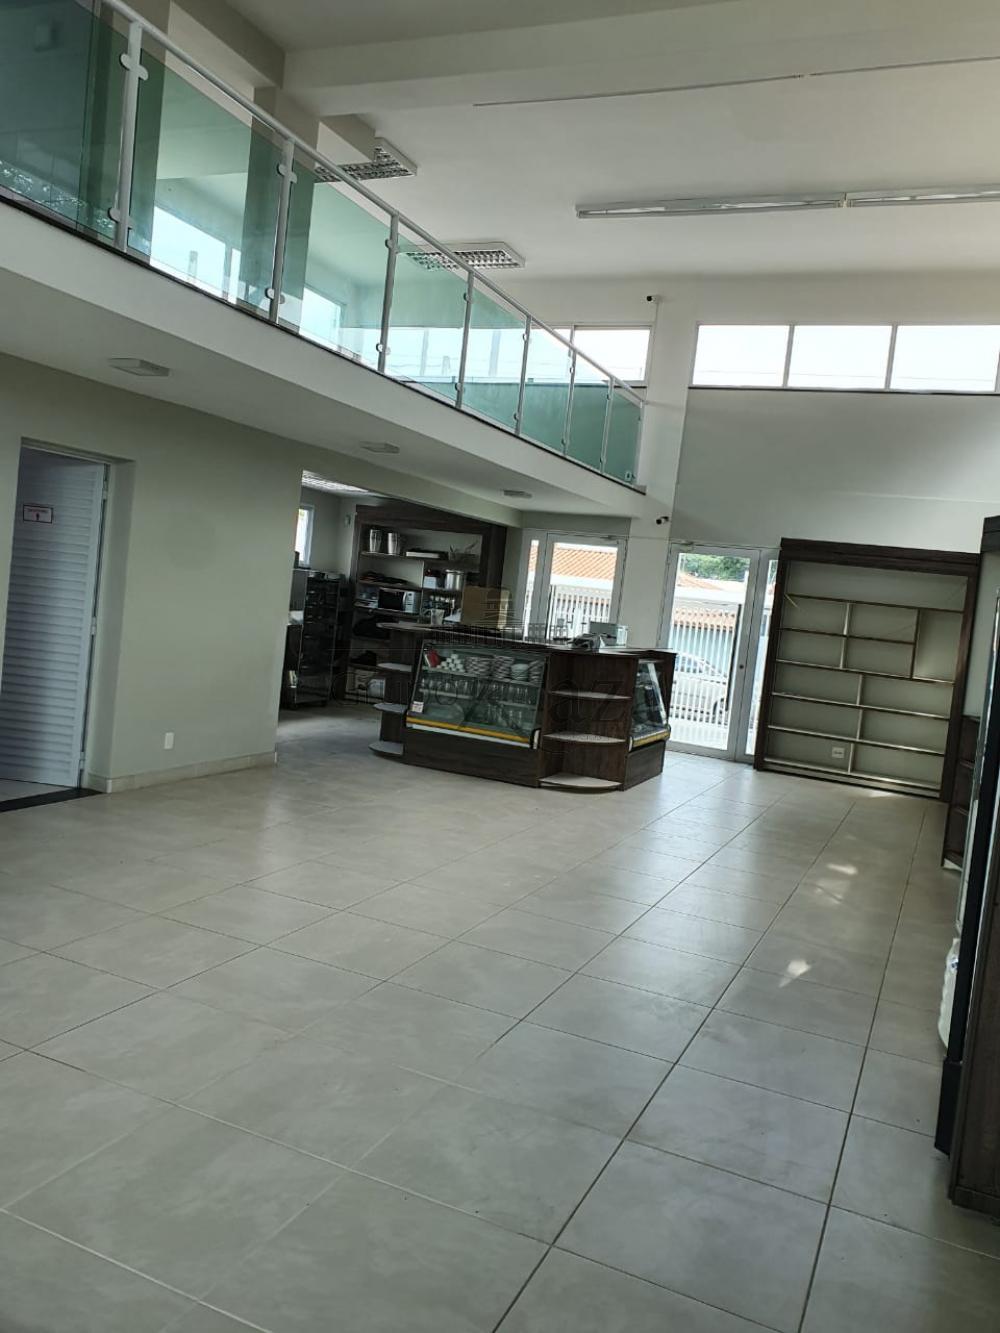 alt='Alugar Comercial / Prédio em São José dos Campos R$ 9.000,00 - Foto 1' title='Alugar Comercial / Prédio em São José dos Campos R$ 9.000,00 - Foto 1'